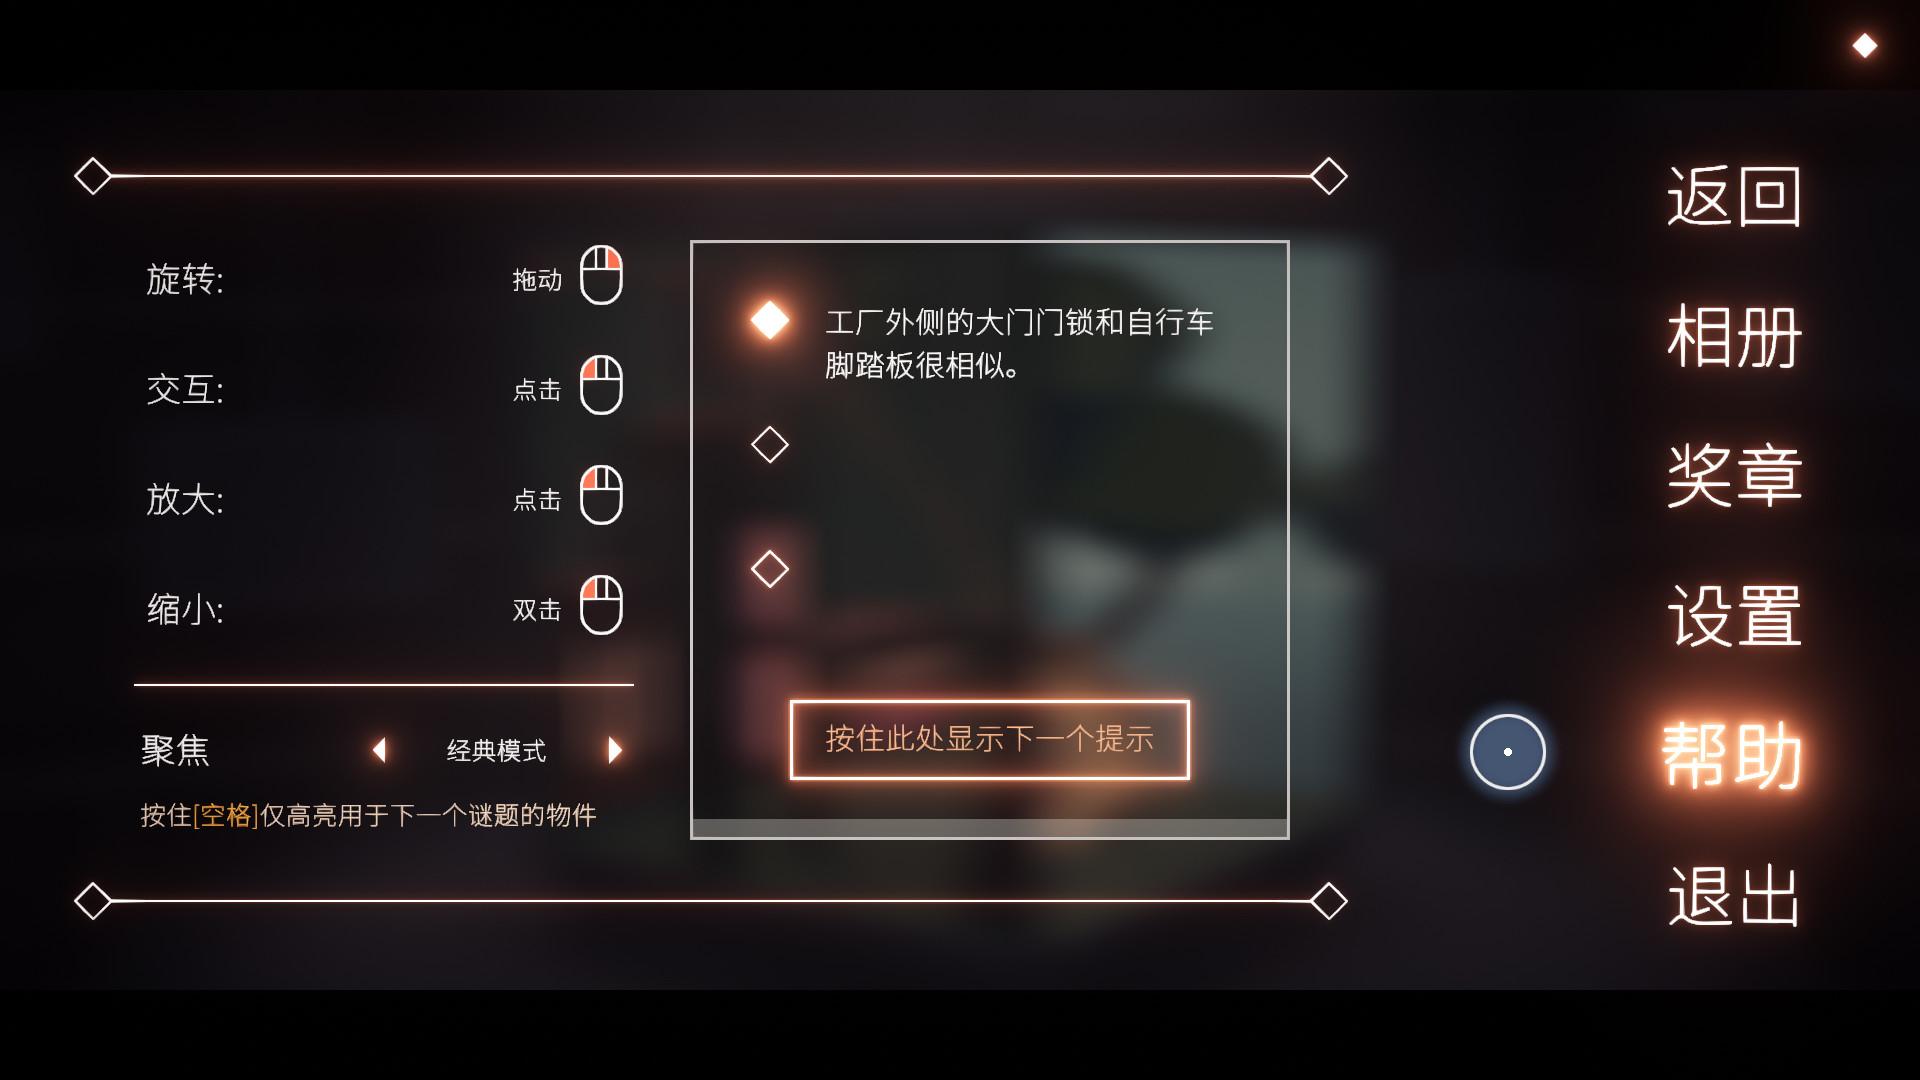 国产视错觉解谜游戏《笼中窥梦》新预告 11月16日上线